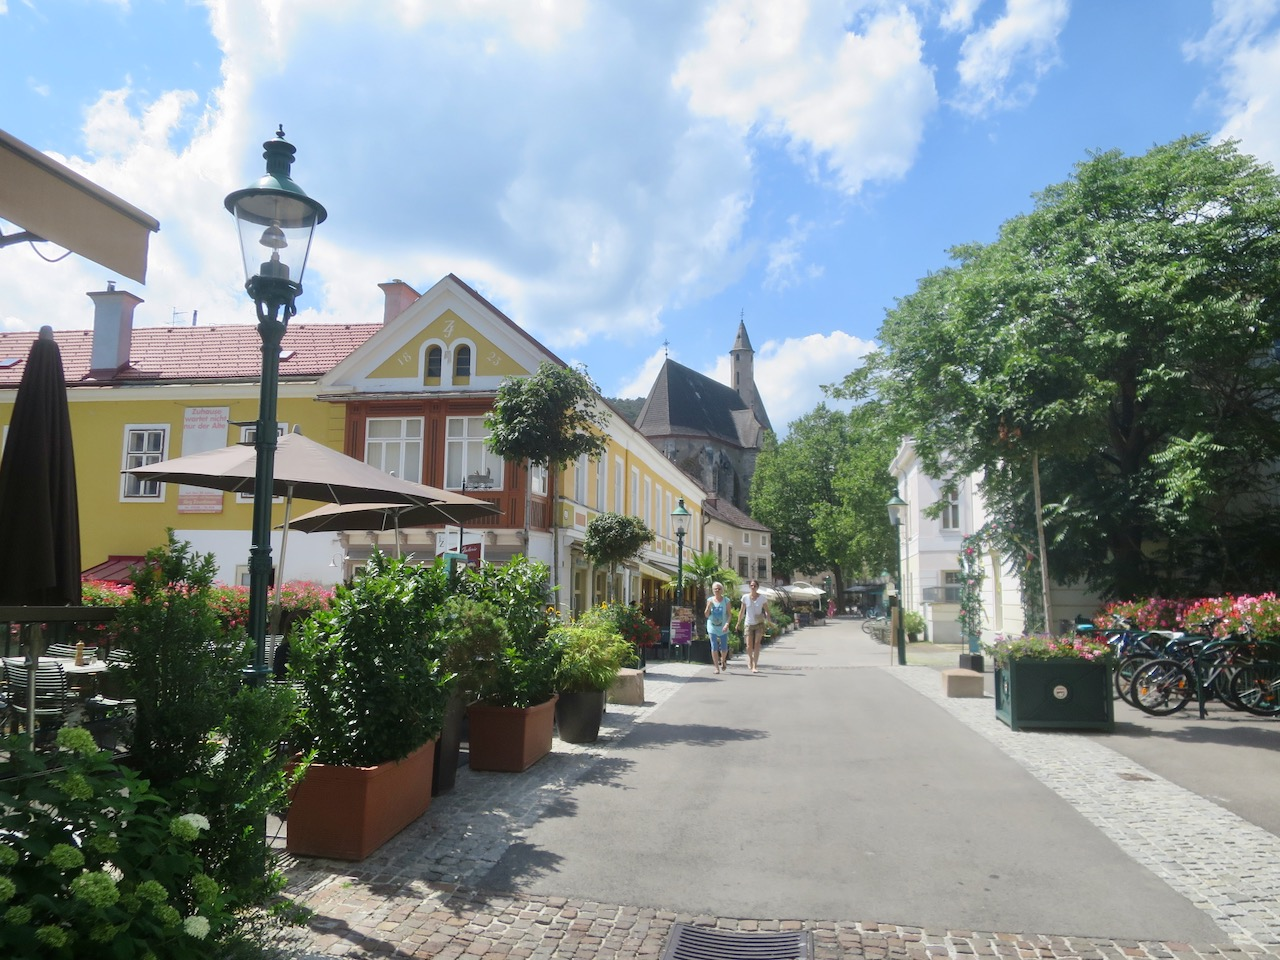 Foto do centro de Mödling